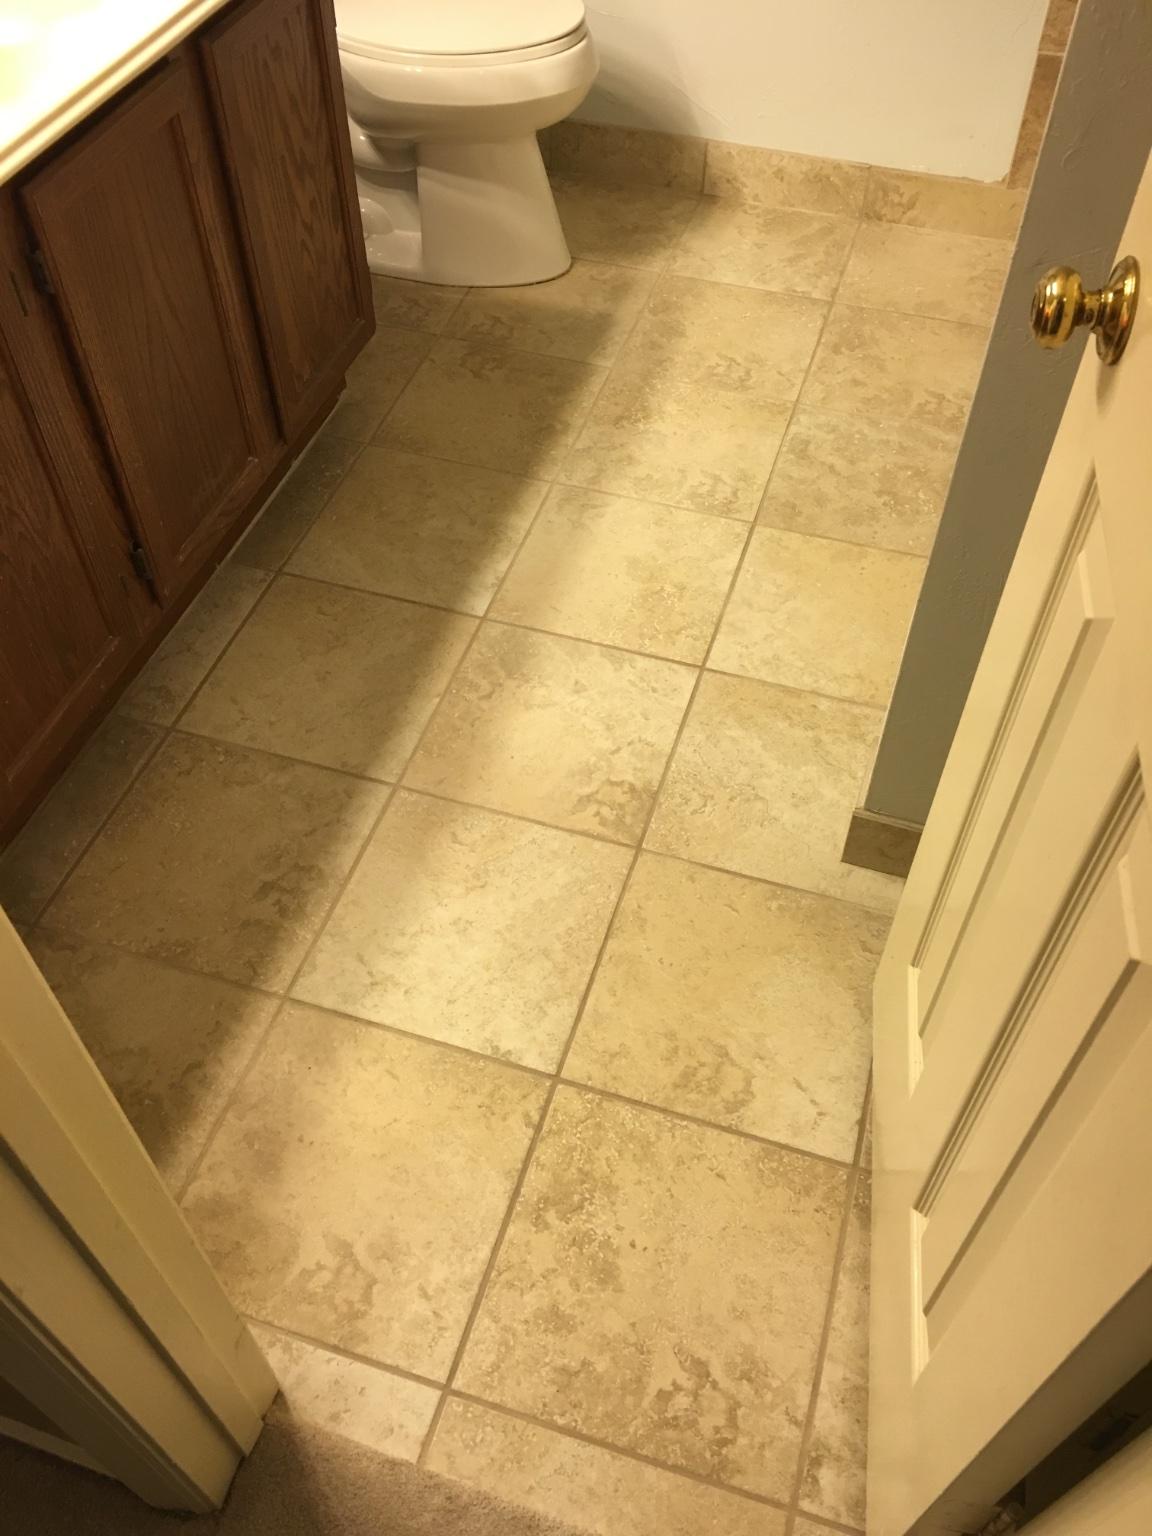 Best vacuum for ceramic tile floors choice image tile flooring best vacuum for ceramic tile floors gallery tile flooring design best vacuum for ceramic tile floors doublecrazyfo Gallery